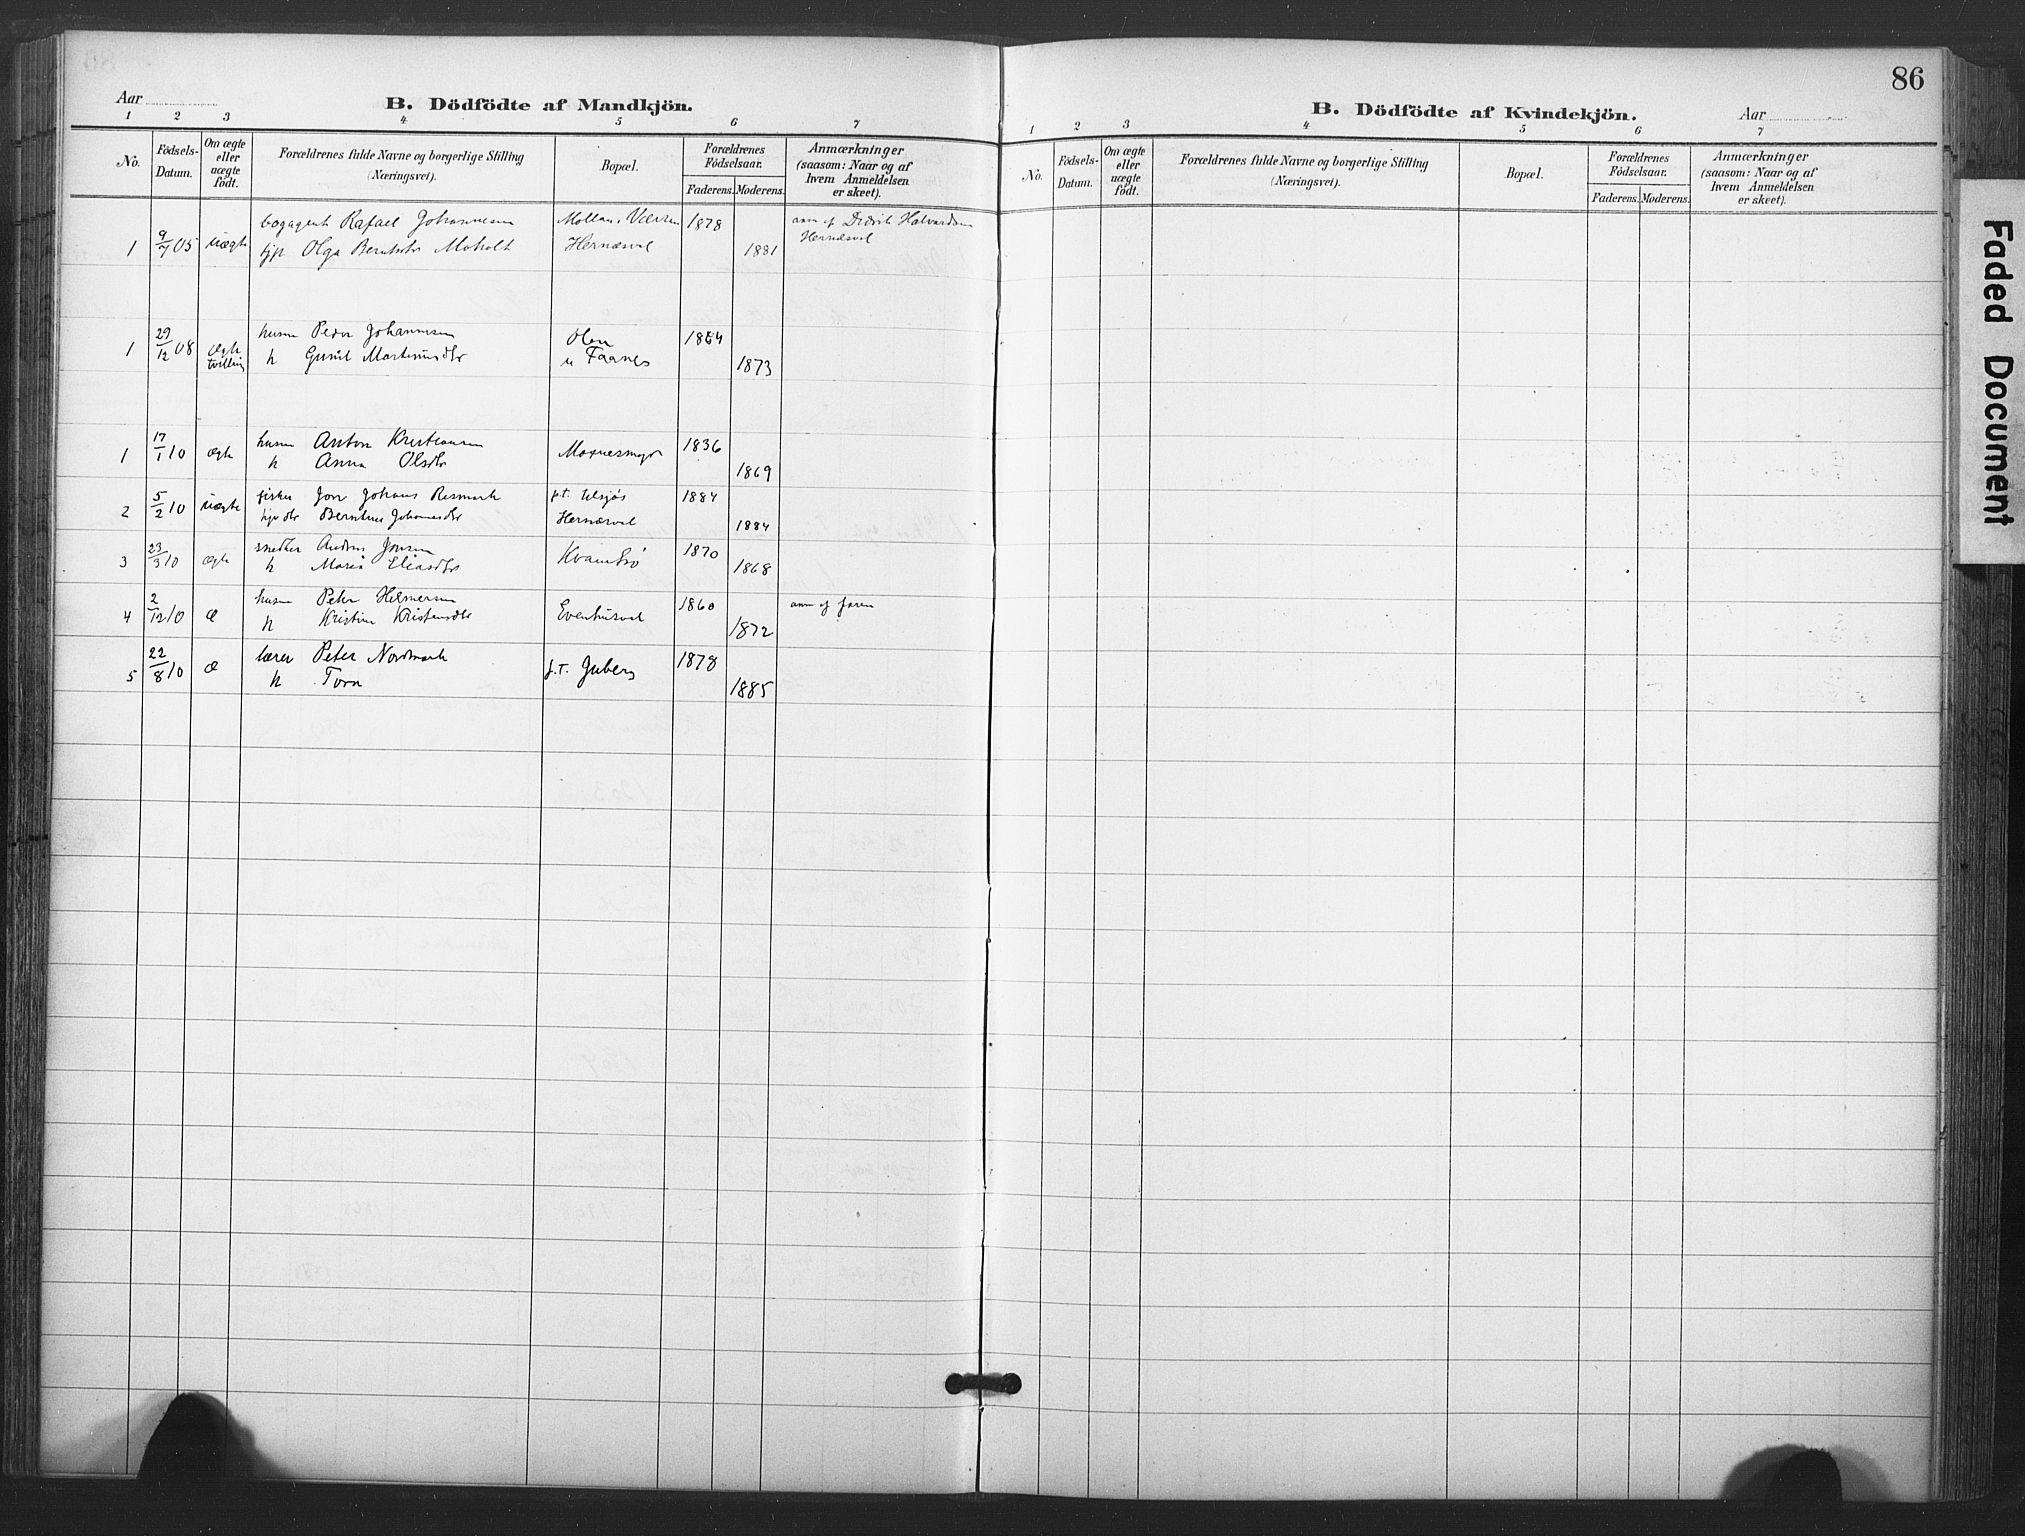 SAT, Ministerialprotokoller, klokkerbøker og fødselsregistre - Nord-Trøndelag, 713/L0122: Ministerialbok nr. 713A11, 1899-1910, s. 86